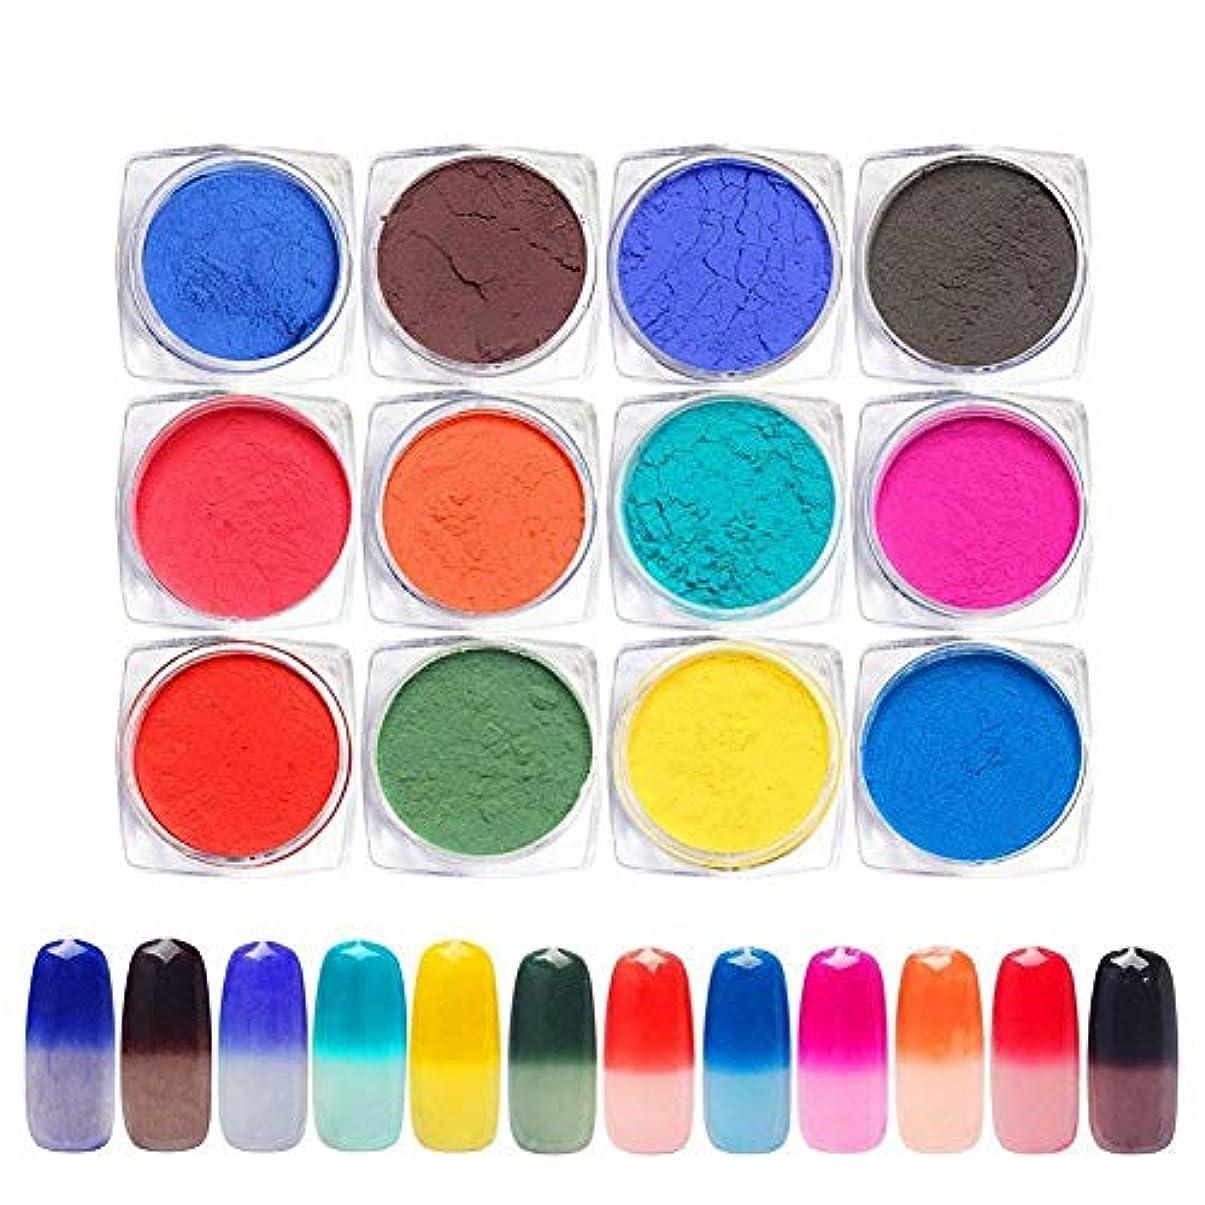 説明する征服制限12色セット 温度によって色が変わるパウダー 変色ネイルパウダー ネイルパーツ ジェルネイル ネイルアート1g入り